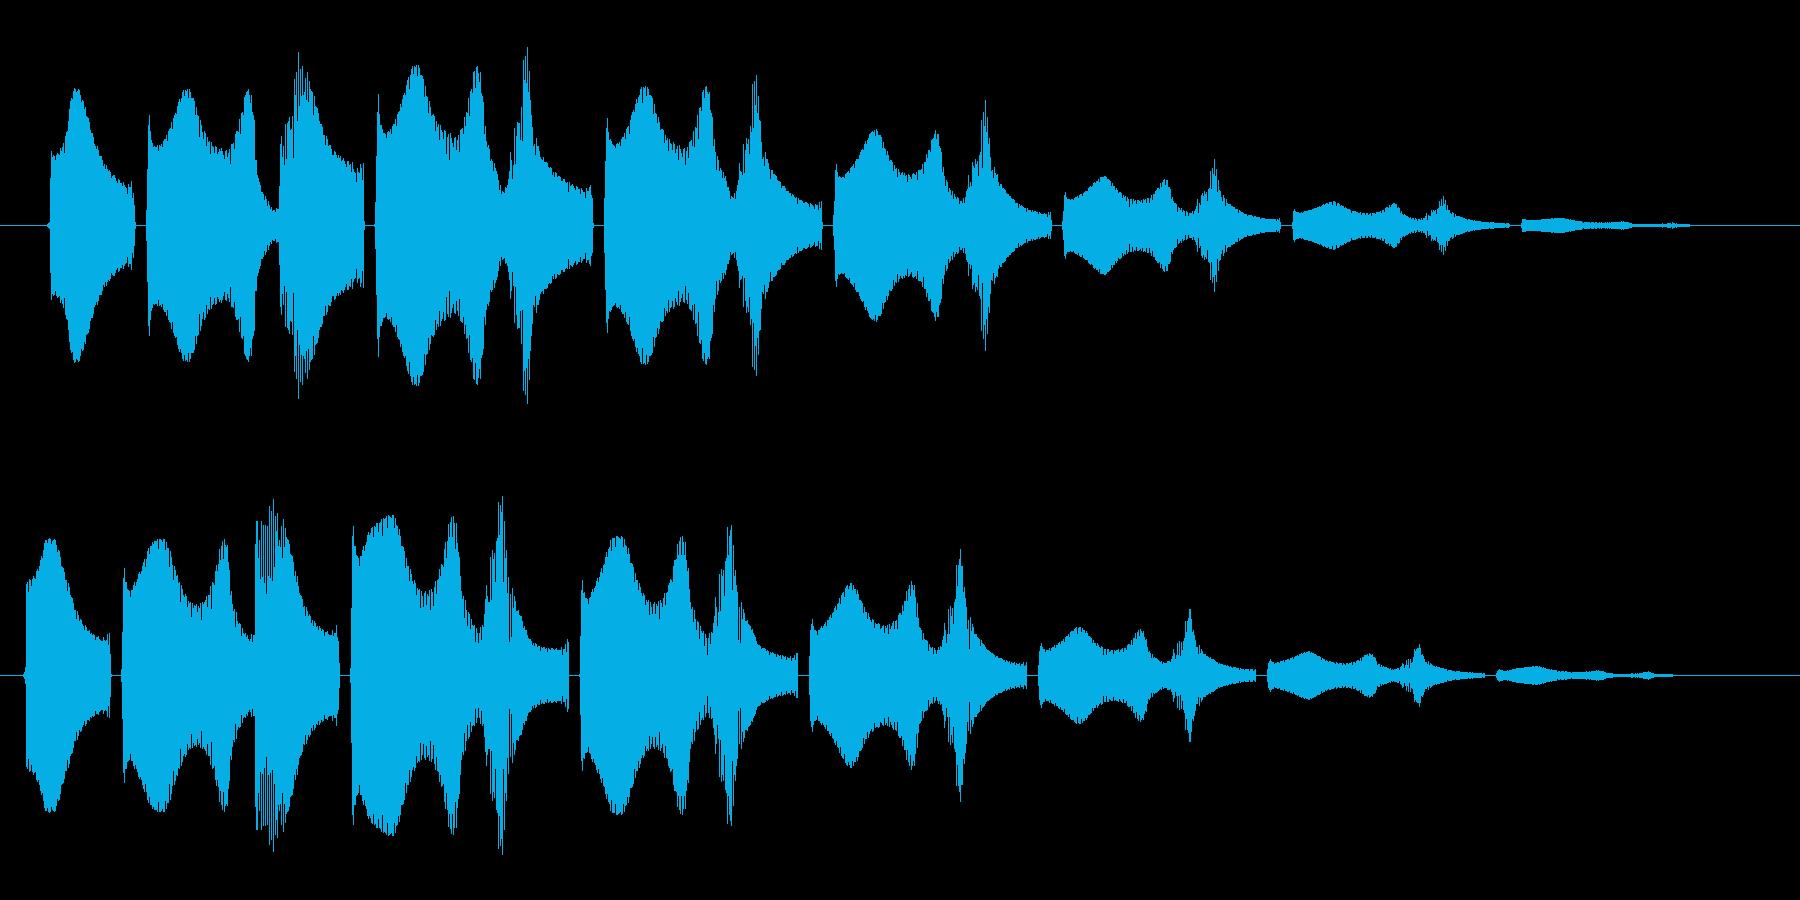 ワープするときに聞こえる音の再生済みの波形